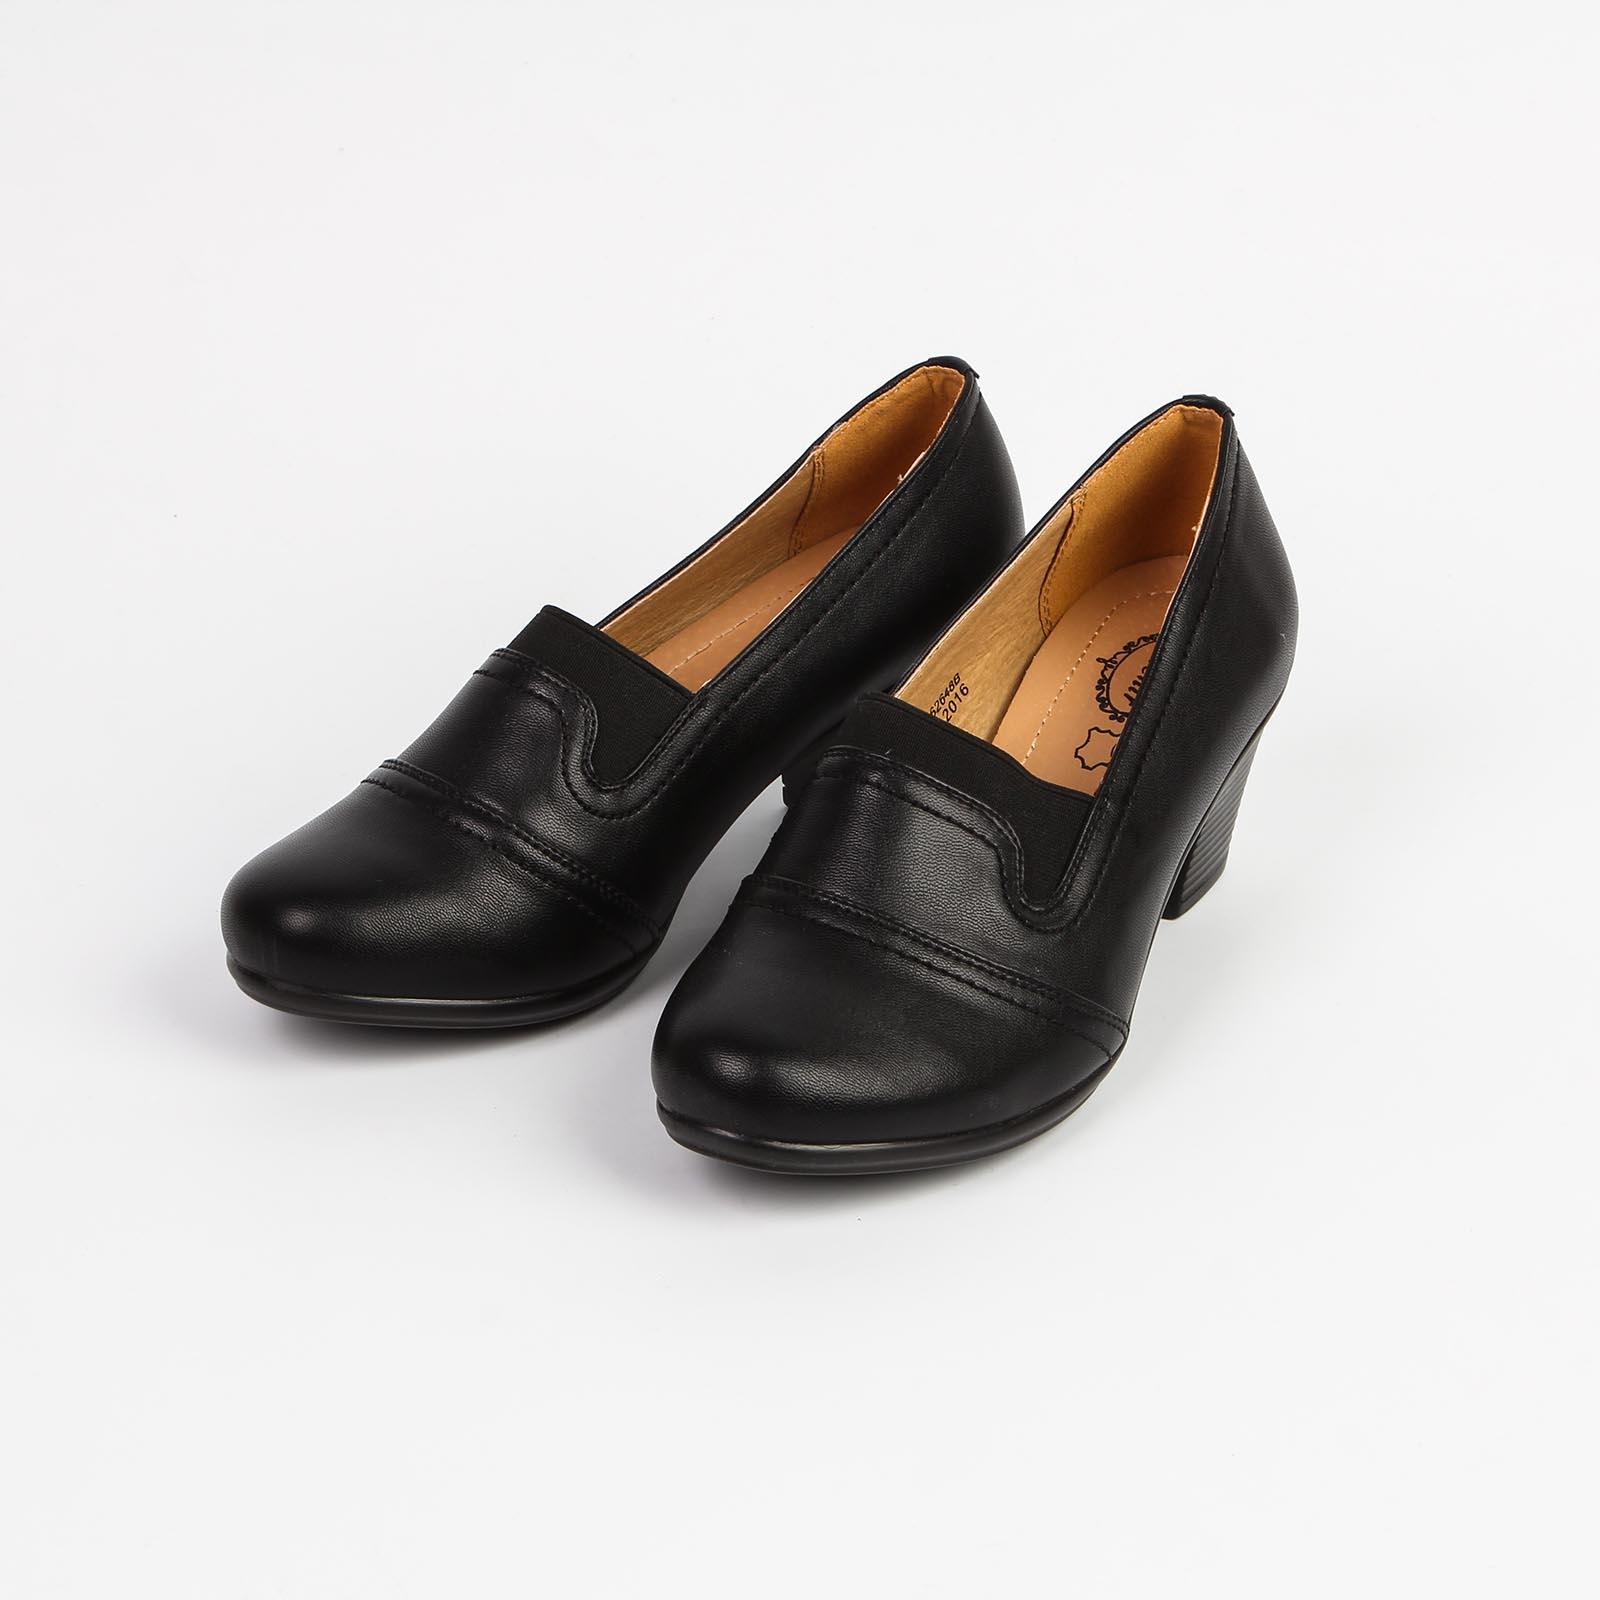 Туфли женские с декорированной прострочкой на мысу